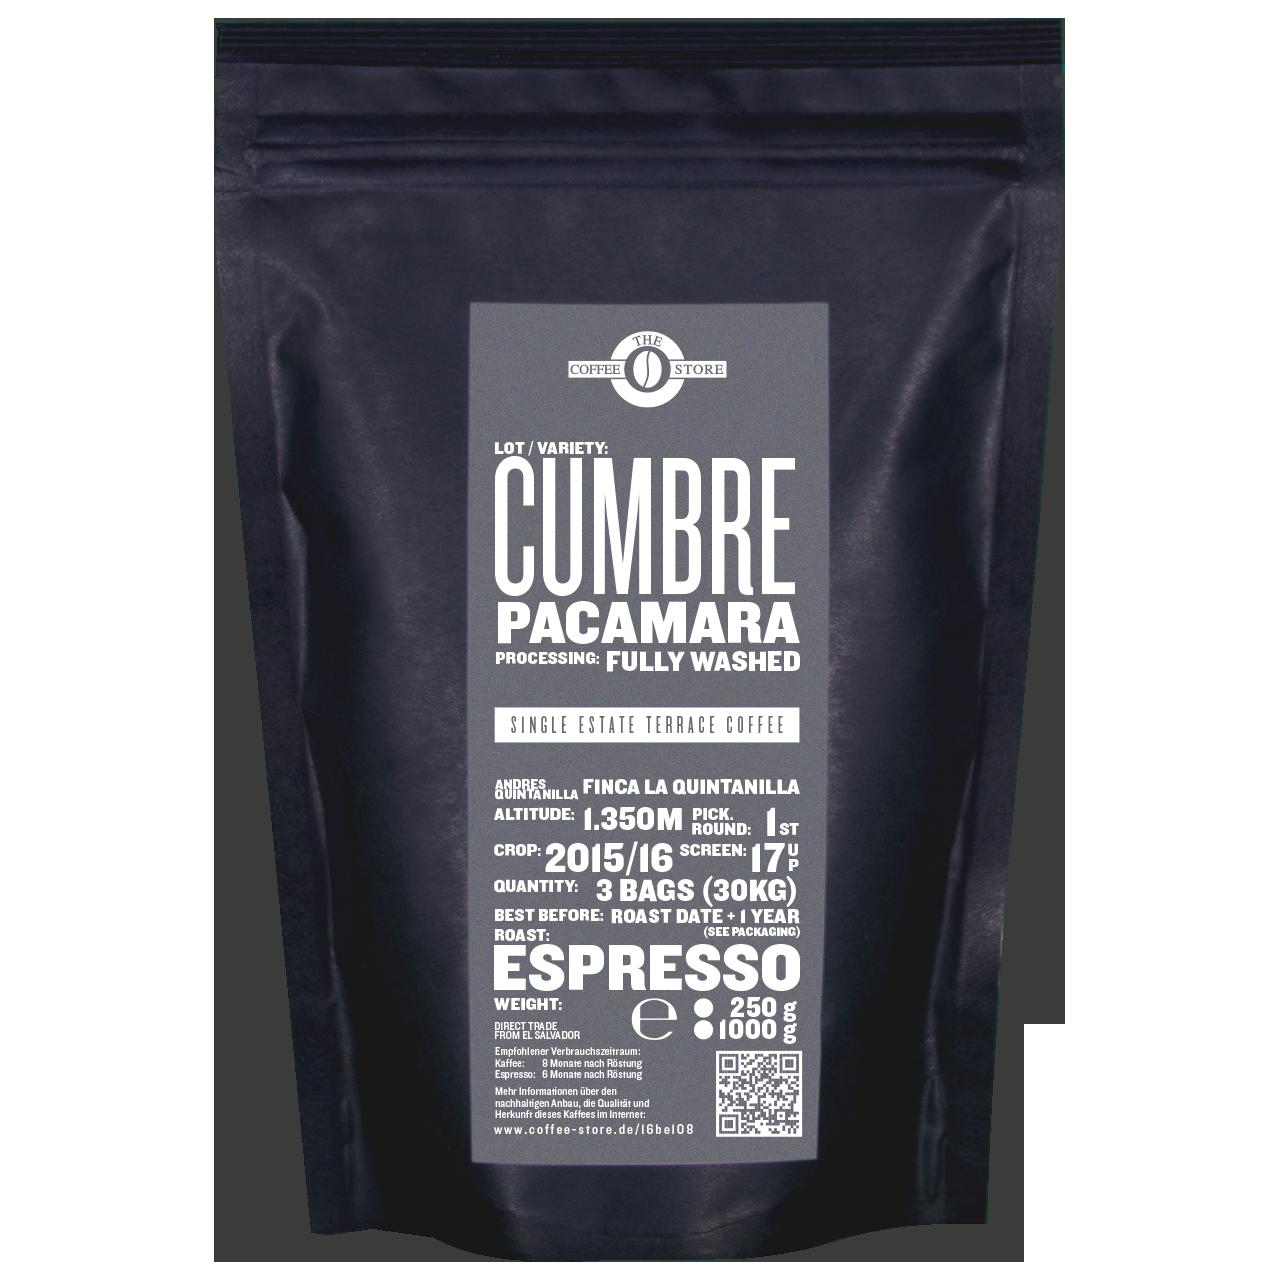 Cumbre, Pacamara - Espressoröstung